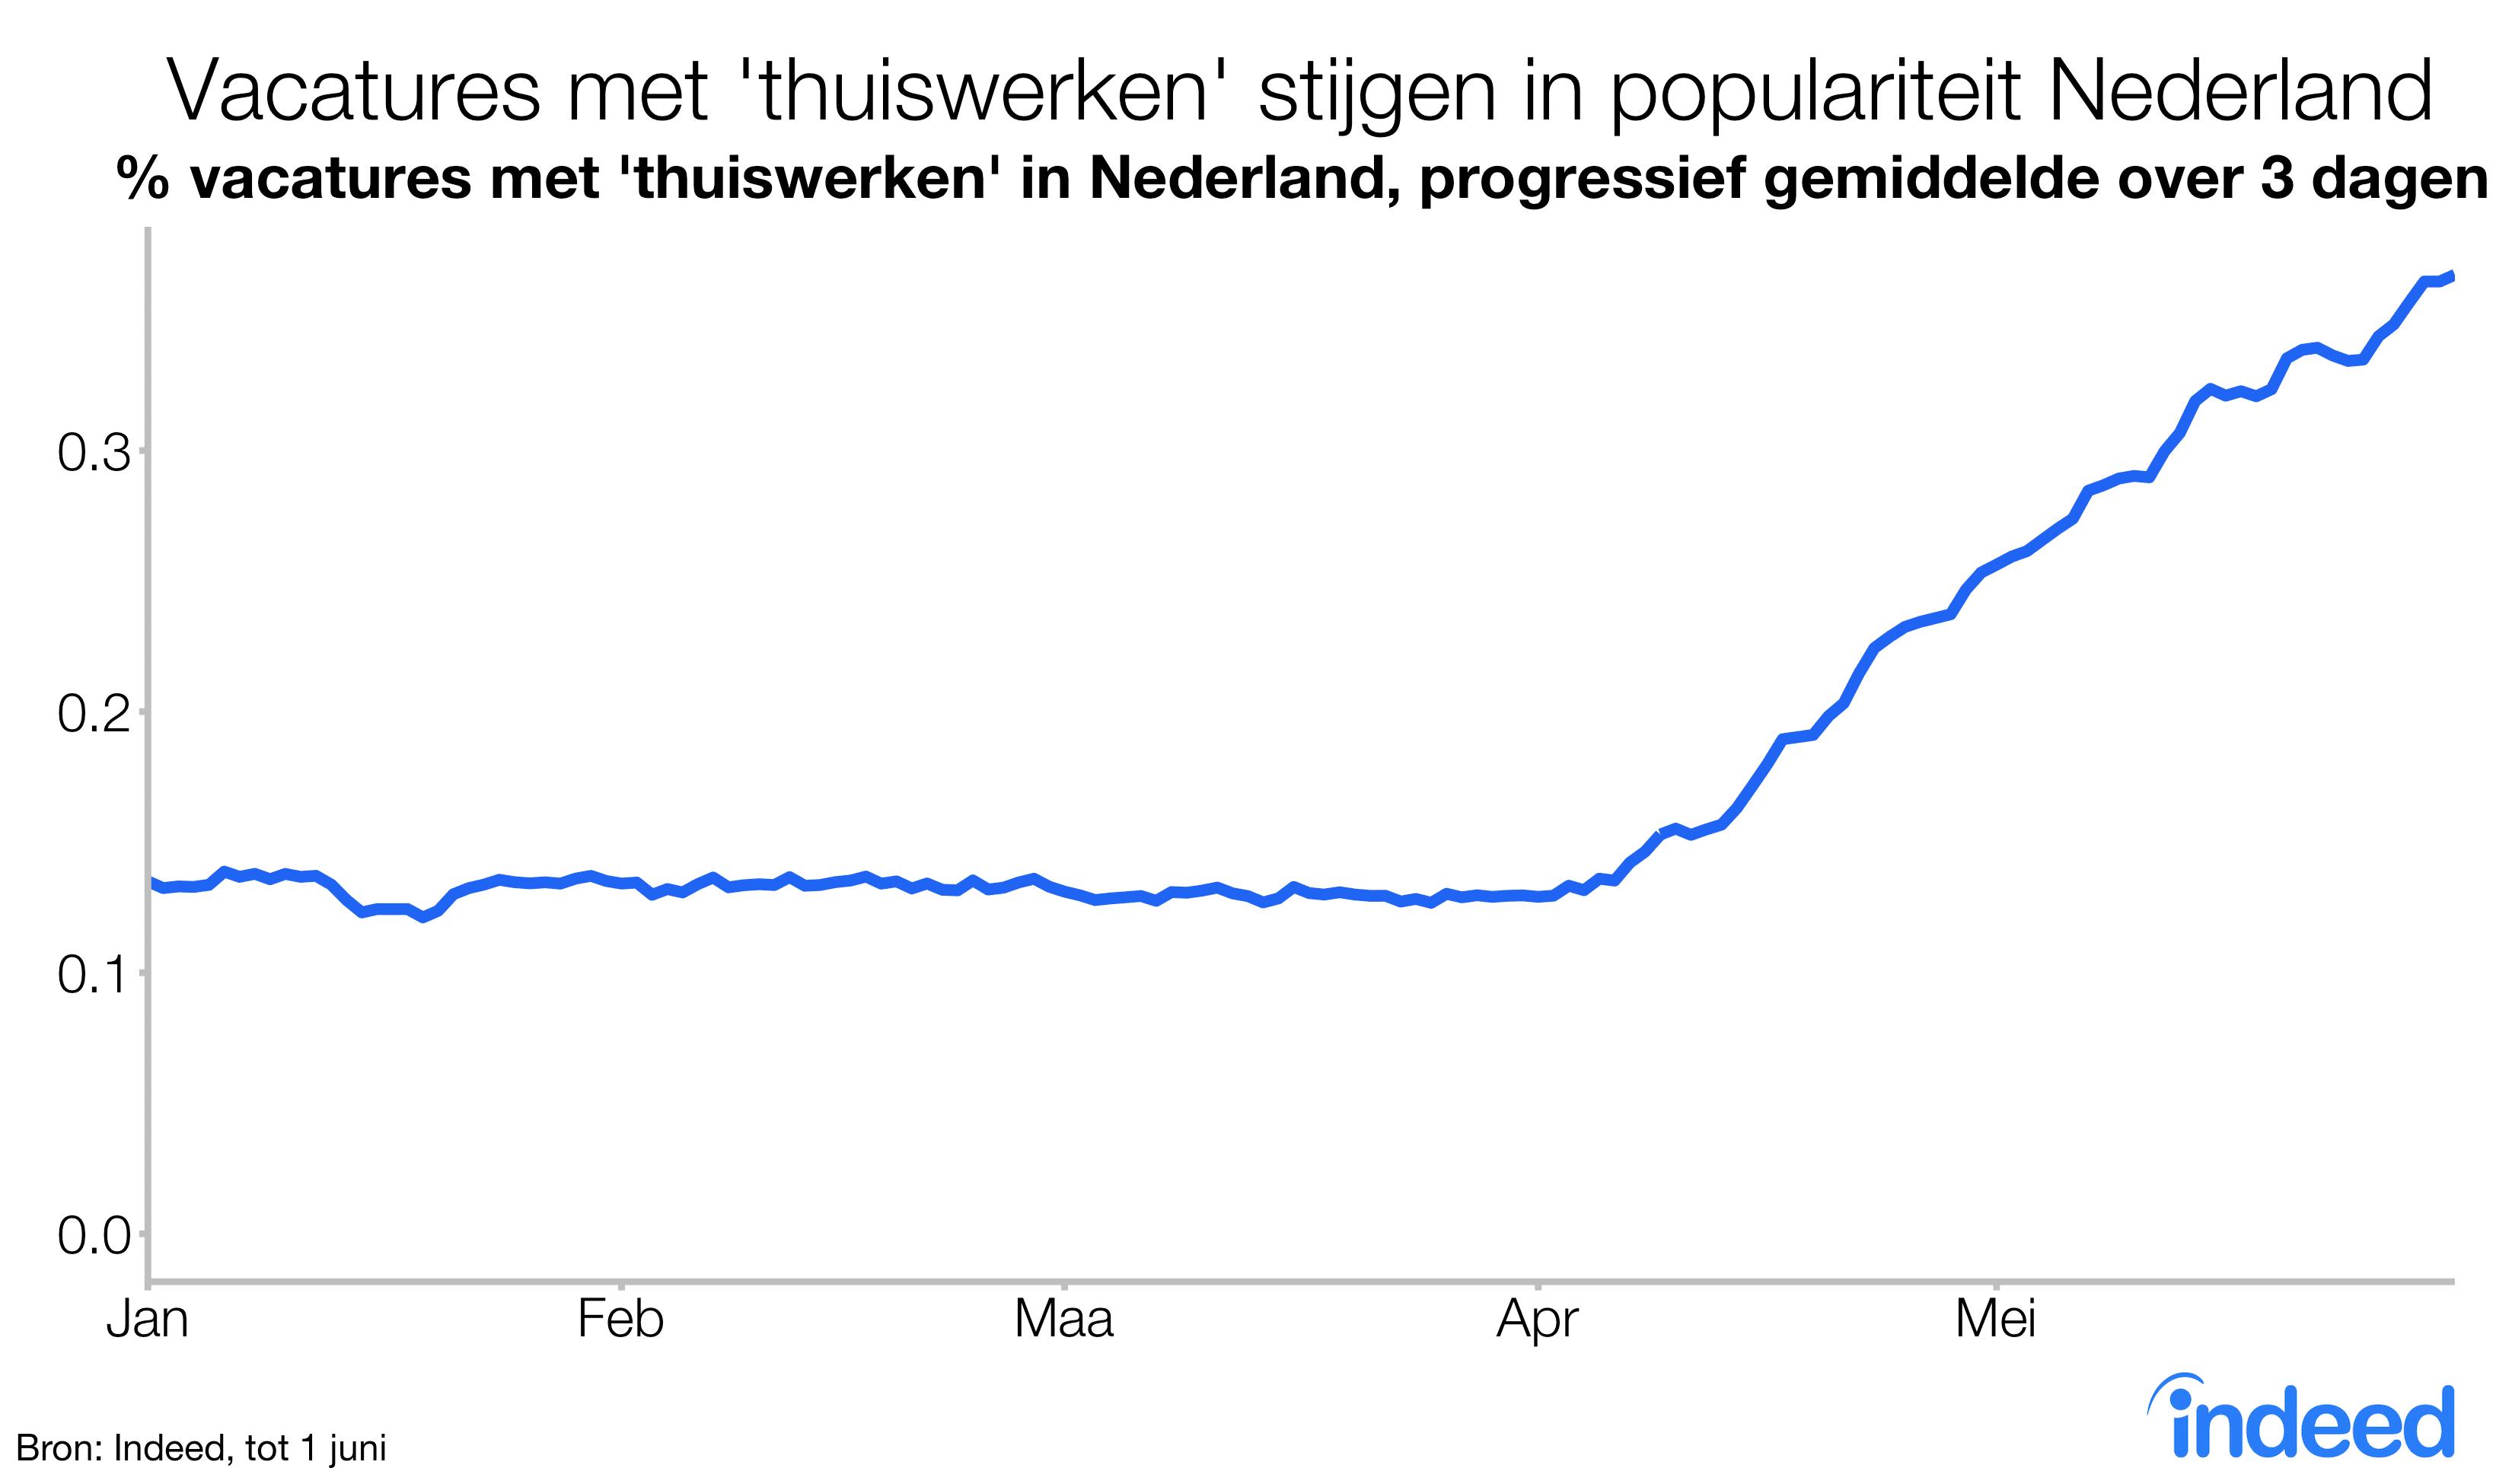 Vacatures met thuiswerken stijgen in populariteit in Nederland